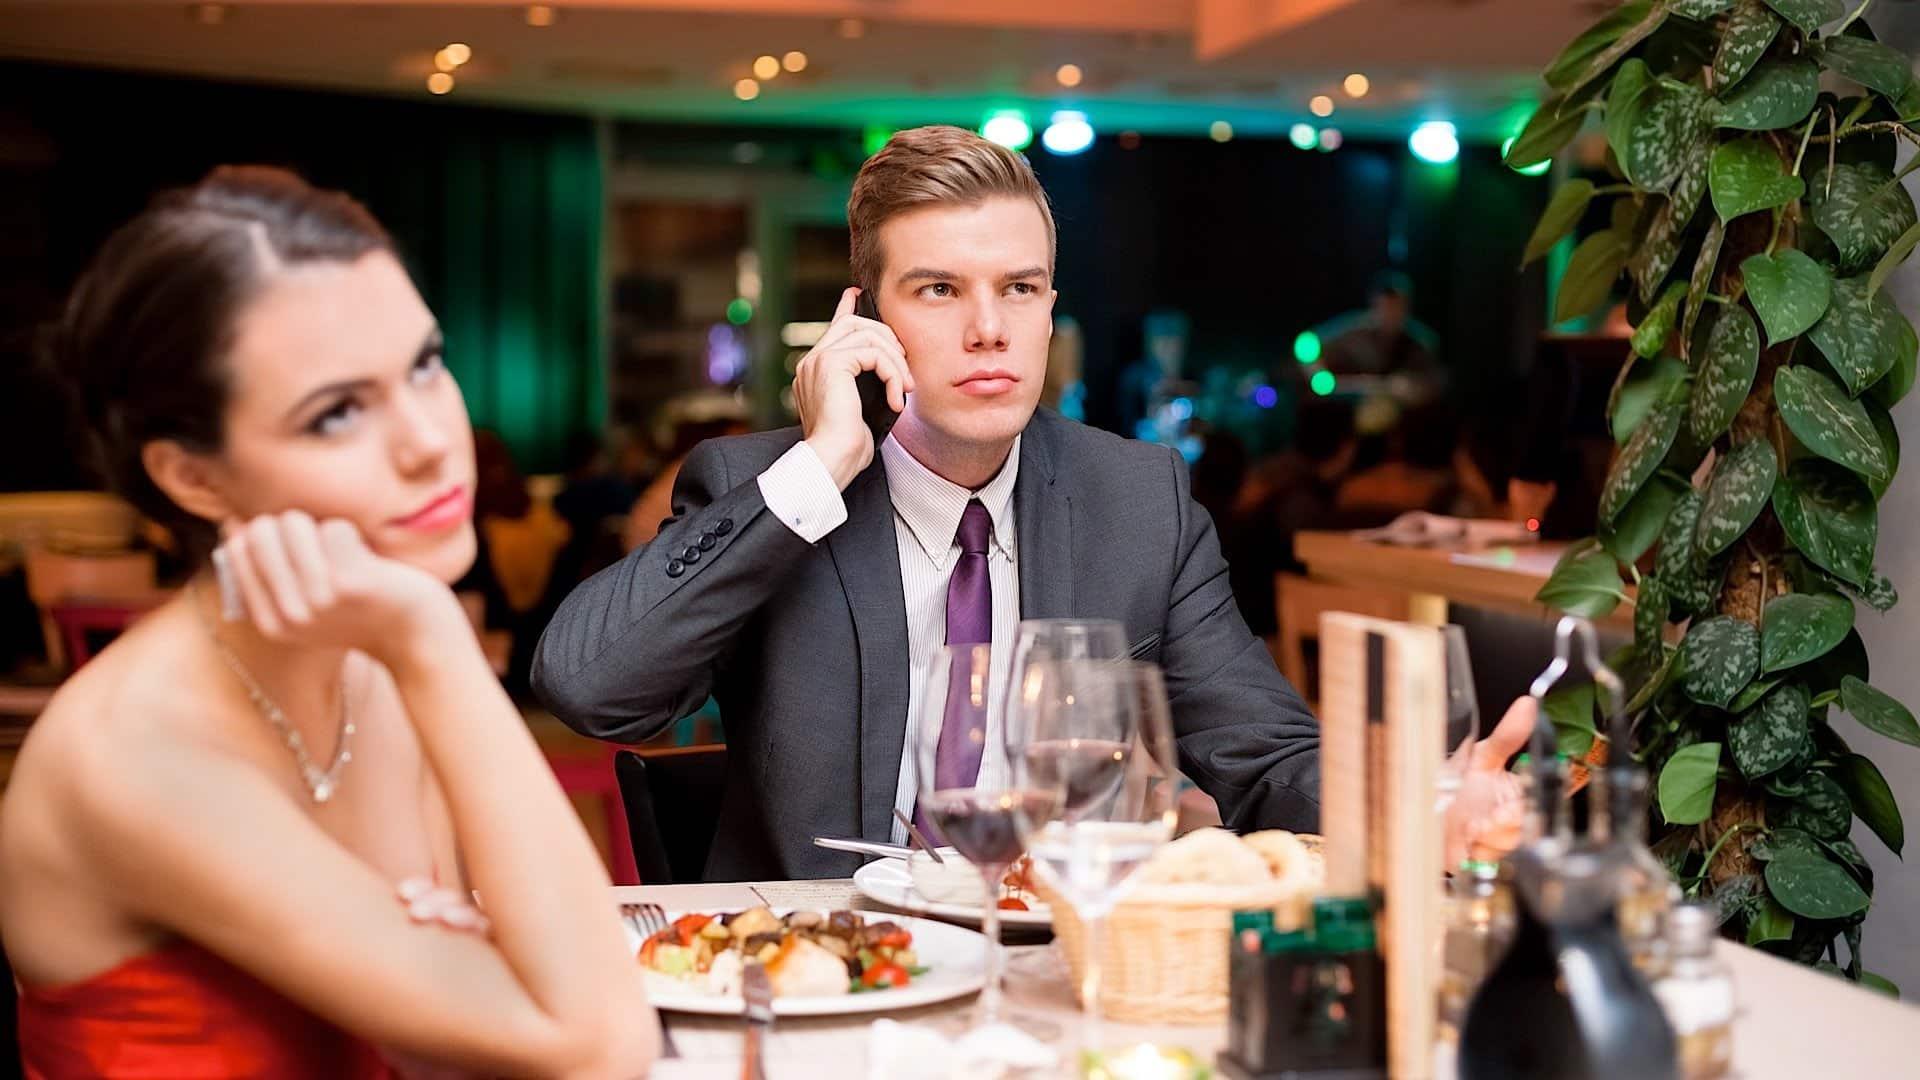 Las 10 peores ofensas cometidas por usuarios de teléfonos celulares